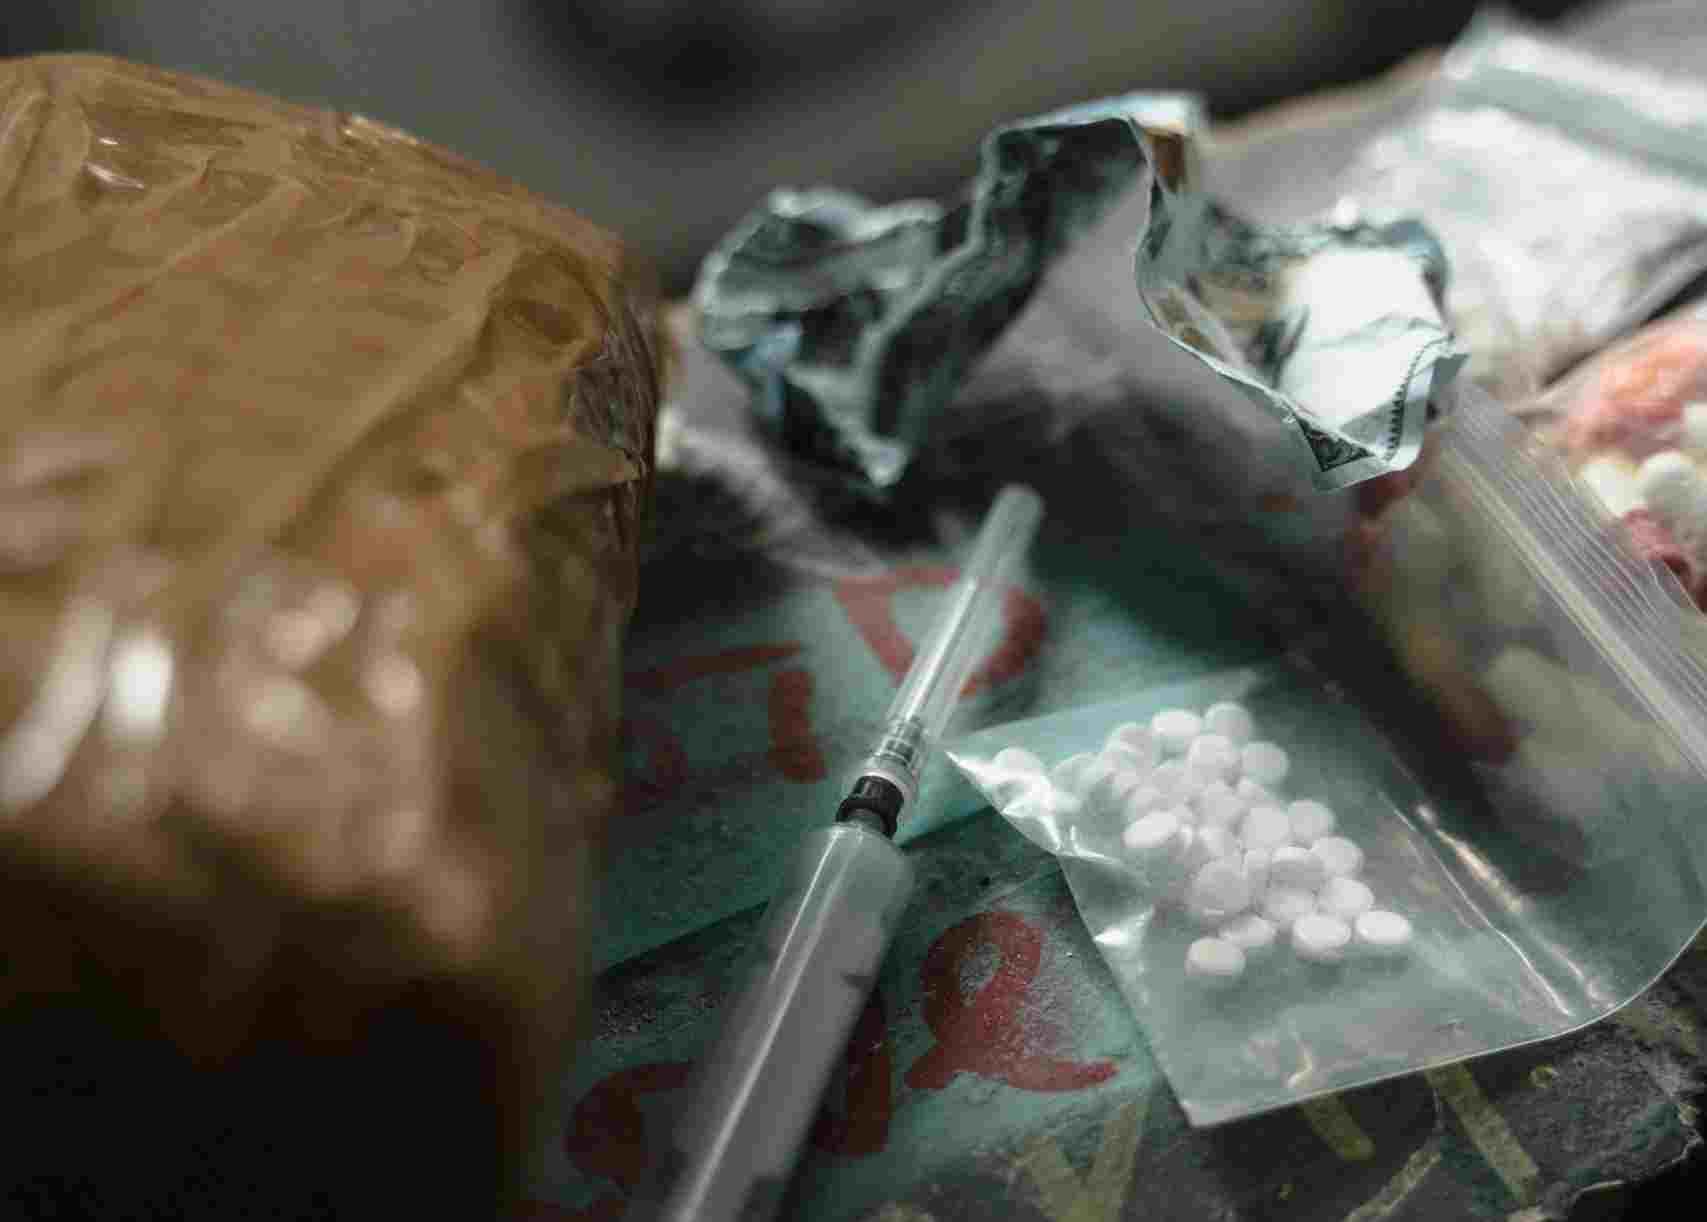 Полицейские Новороссийска изъяли из оборота почти 9 килограммов наркотиков